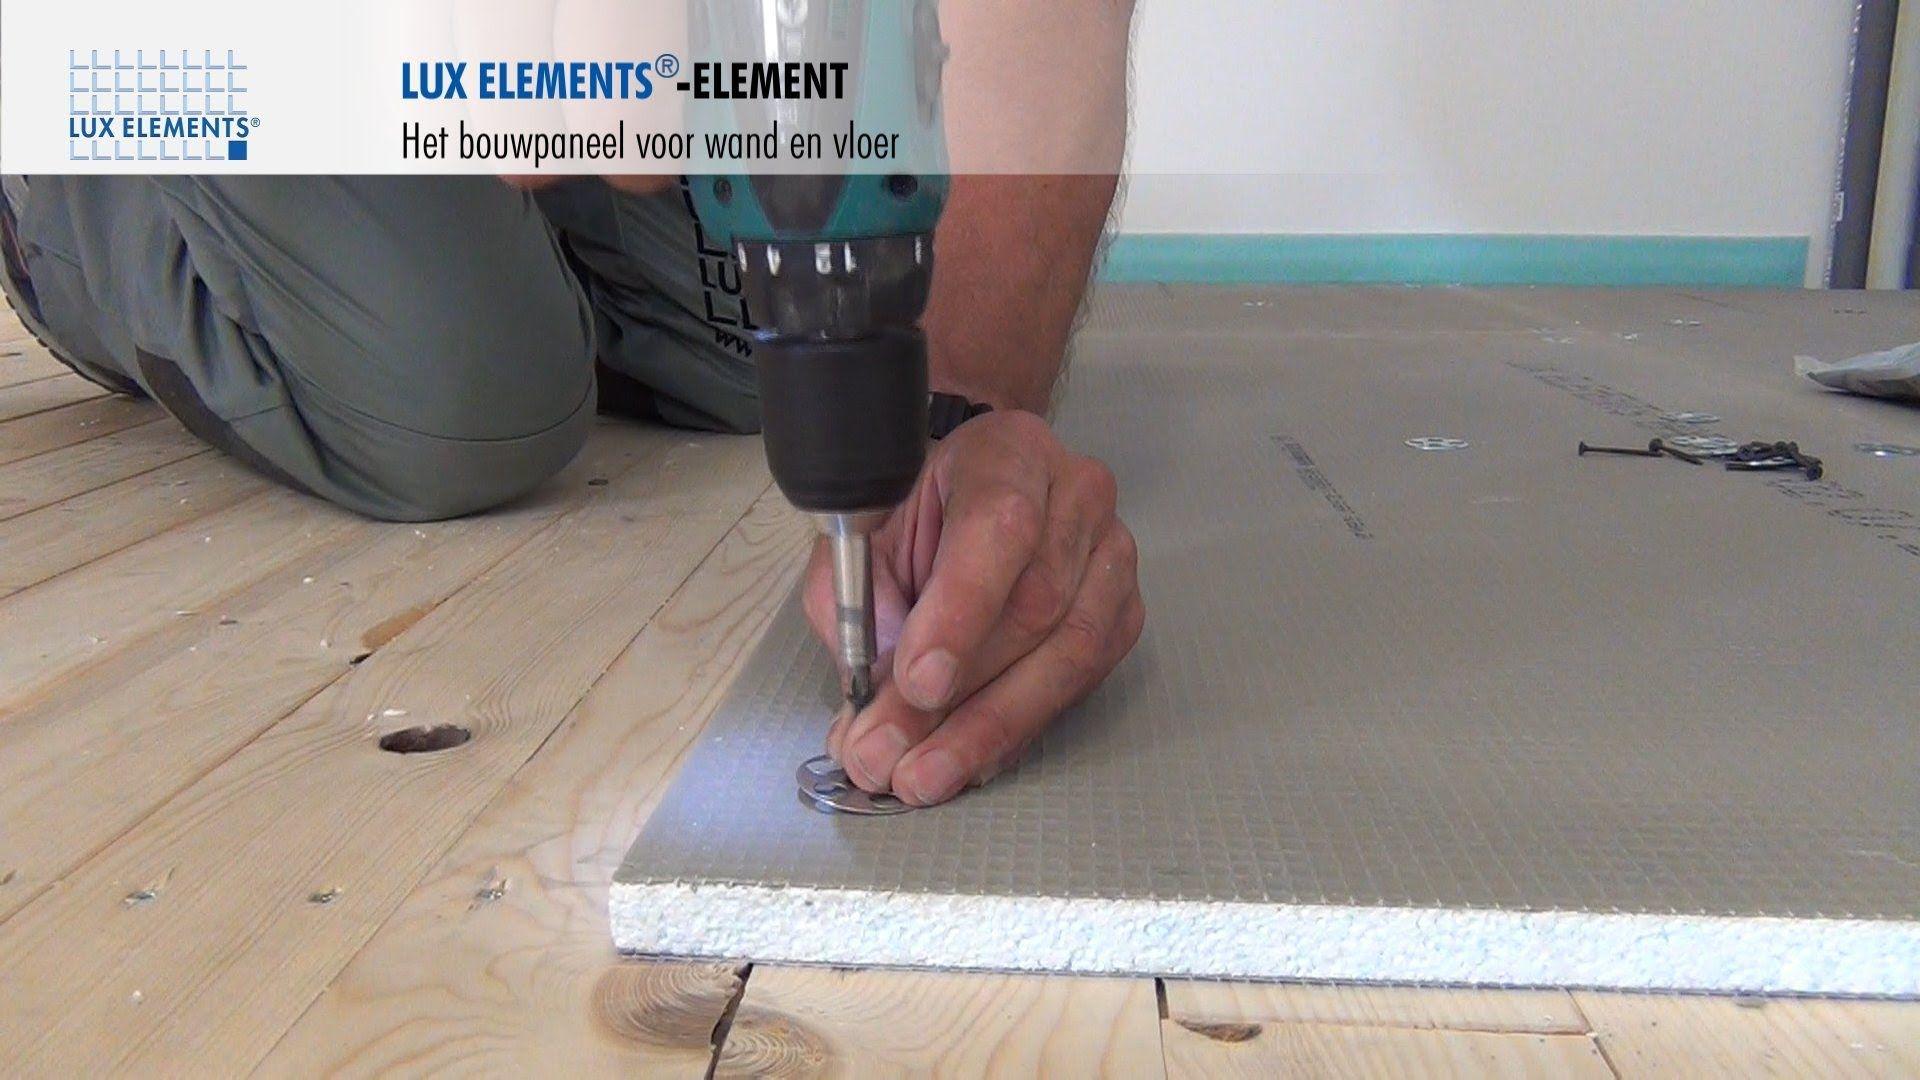 Bouwplaat Voor Badkamer : Lux elements montage bouwplaat element op houten vloeren